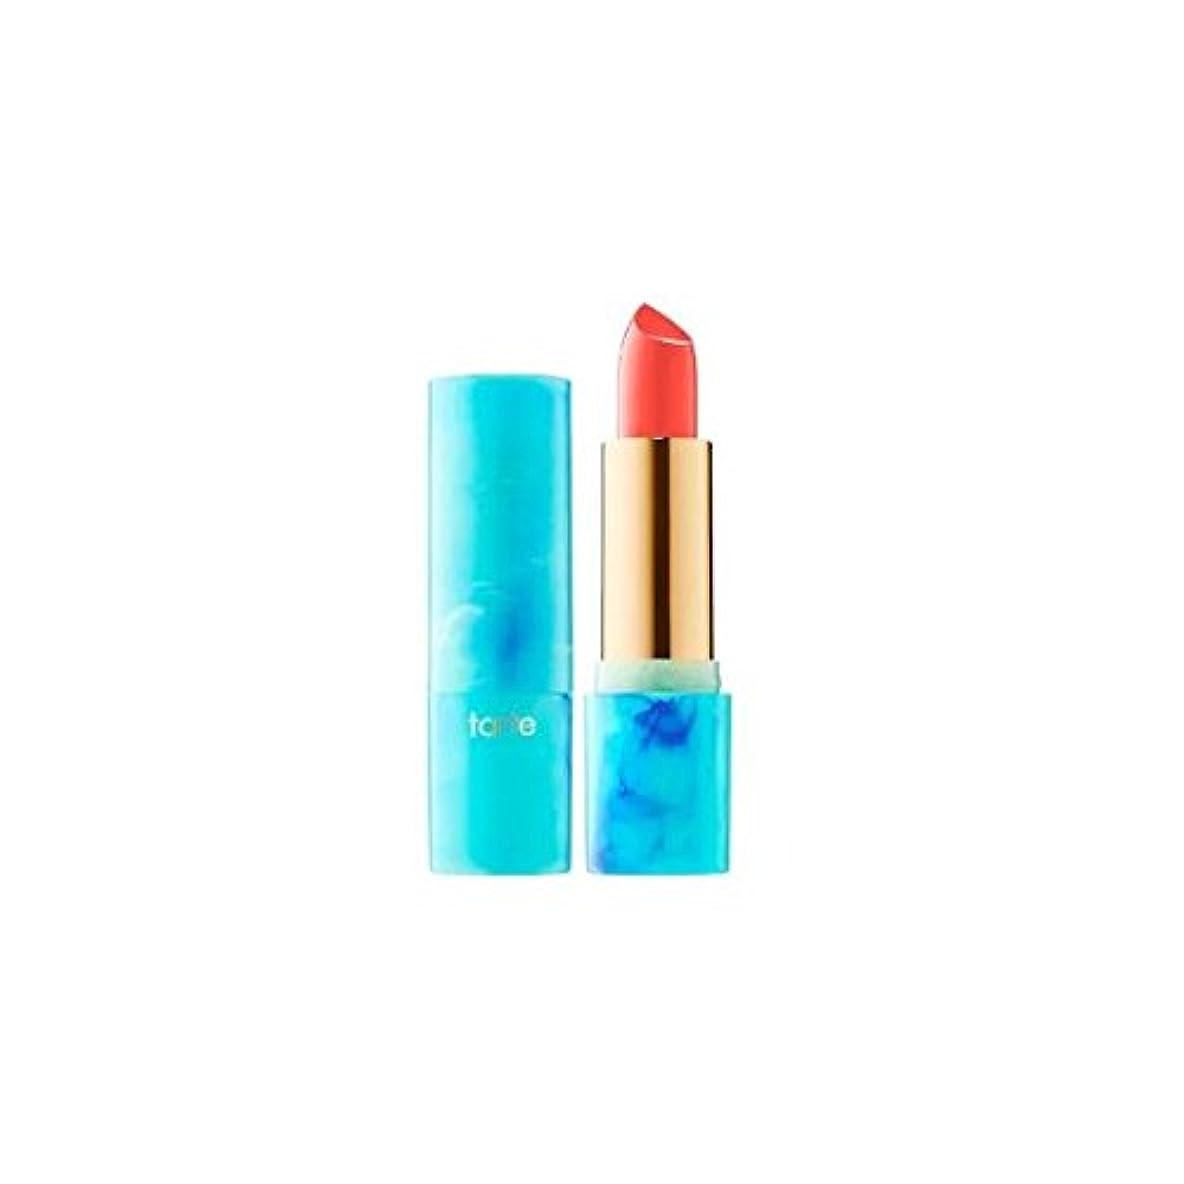 うれしい構造的ダイヤモンドtarteタルト リップ Color Splash Lipstick - Rainforest of the Sea Collection Satin finish